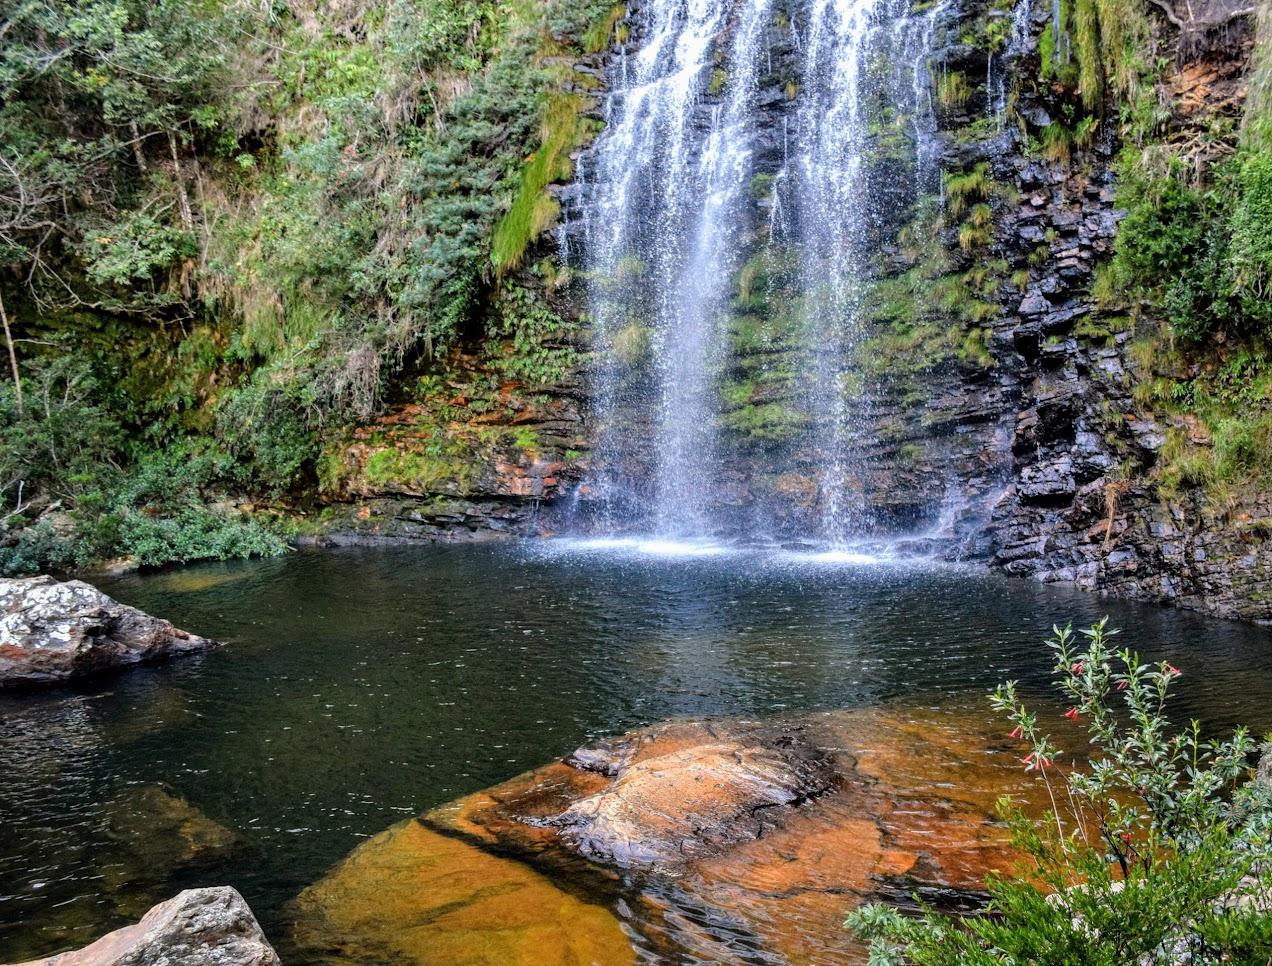 O poço grande e gelado da Cachoeira da Farofa, no Parnacipó